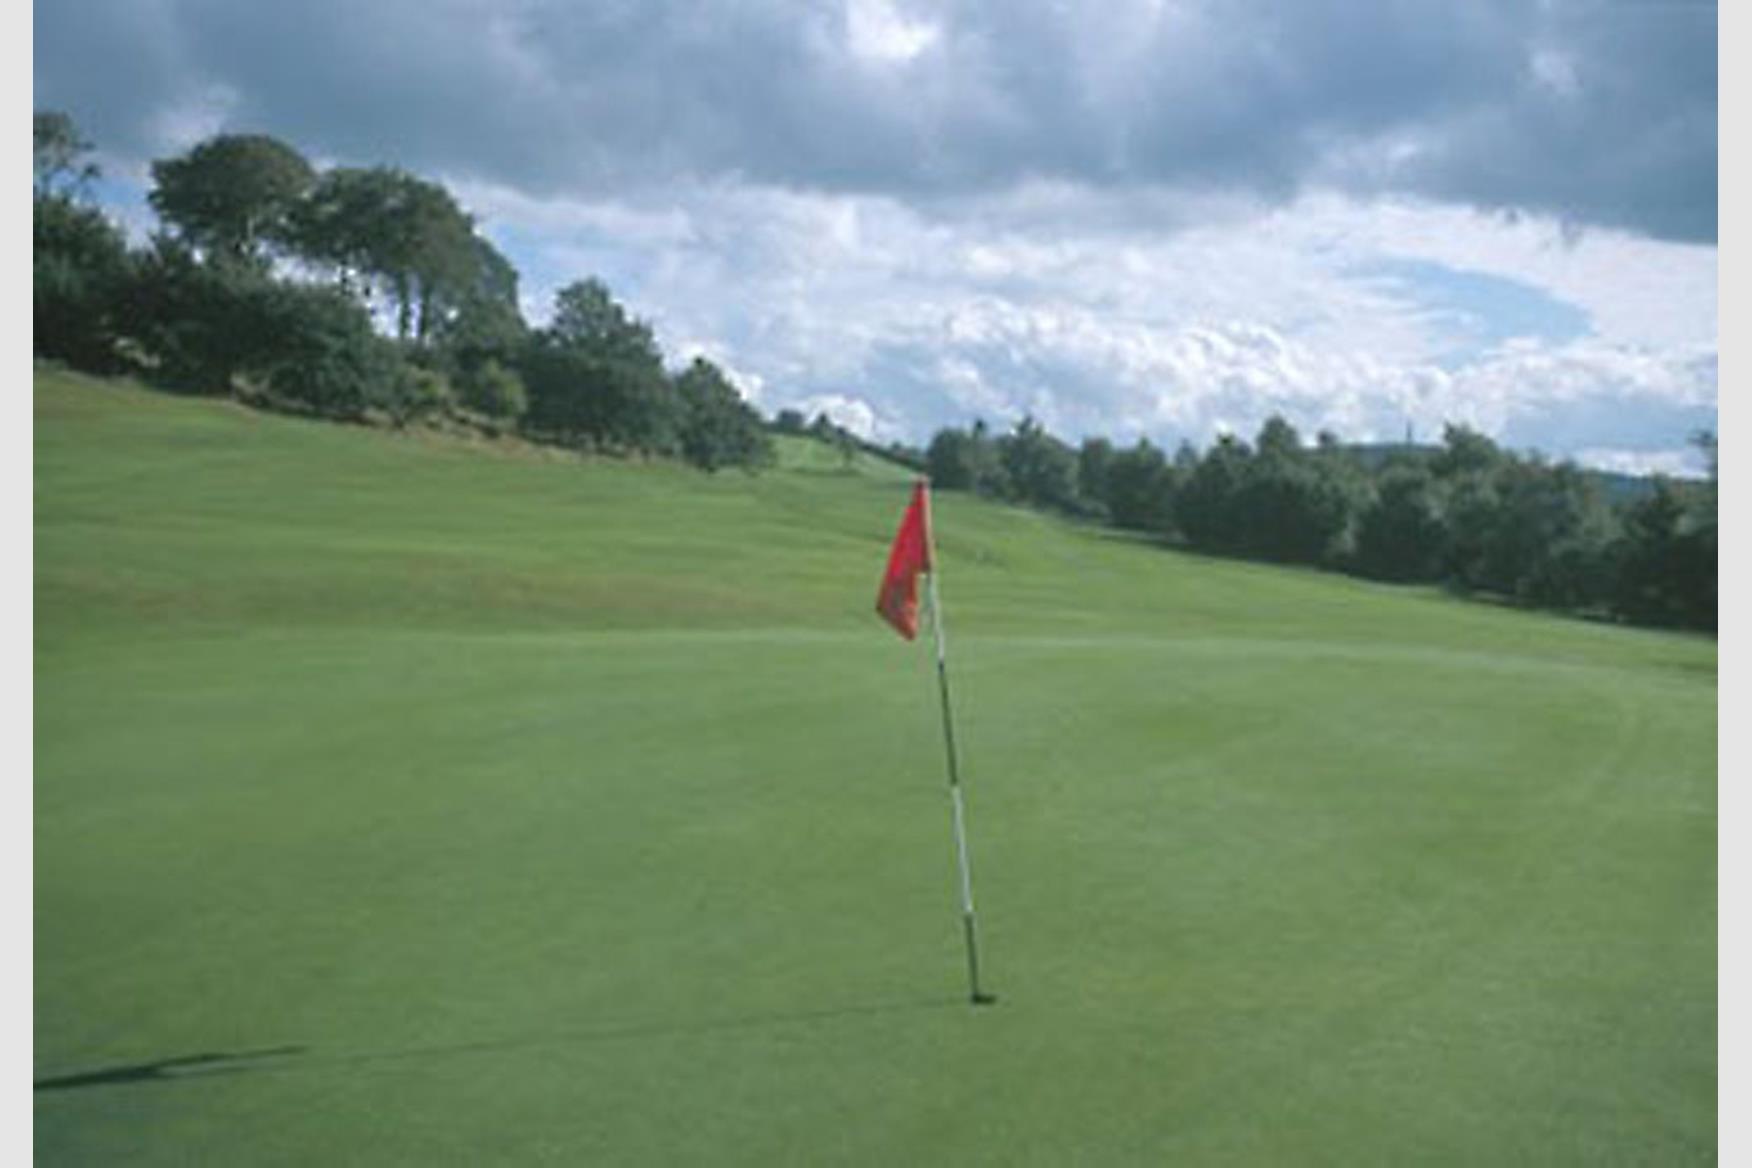 Macclesfield Golf Club Golf Course In Macclesfield